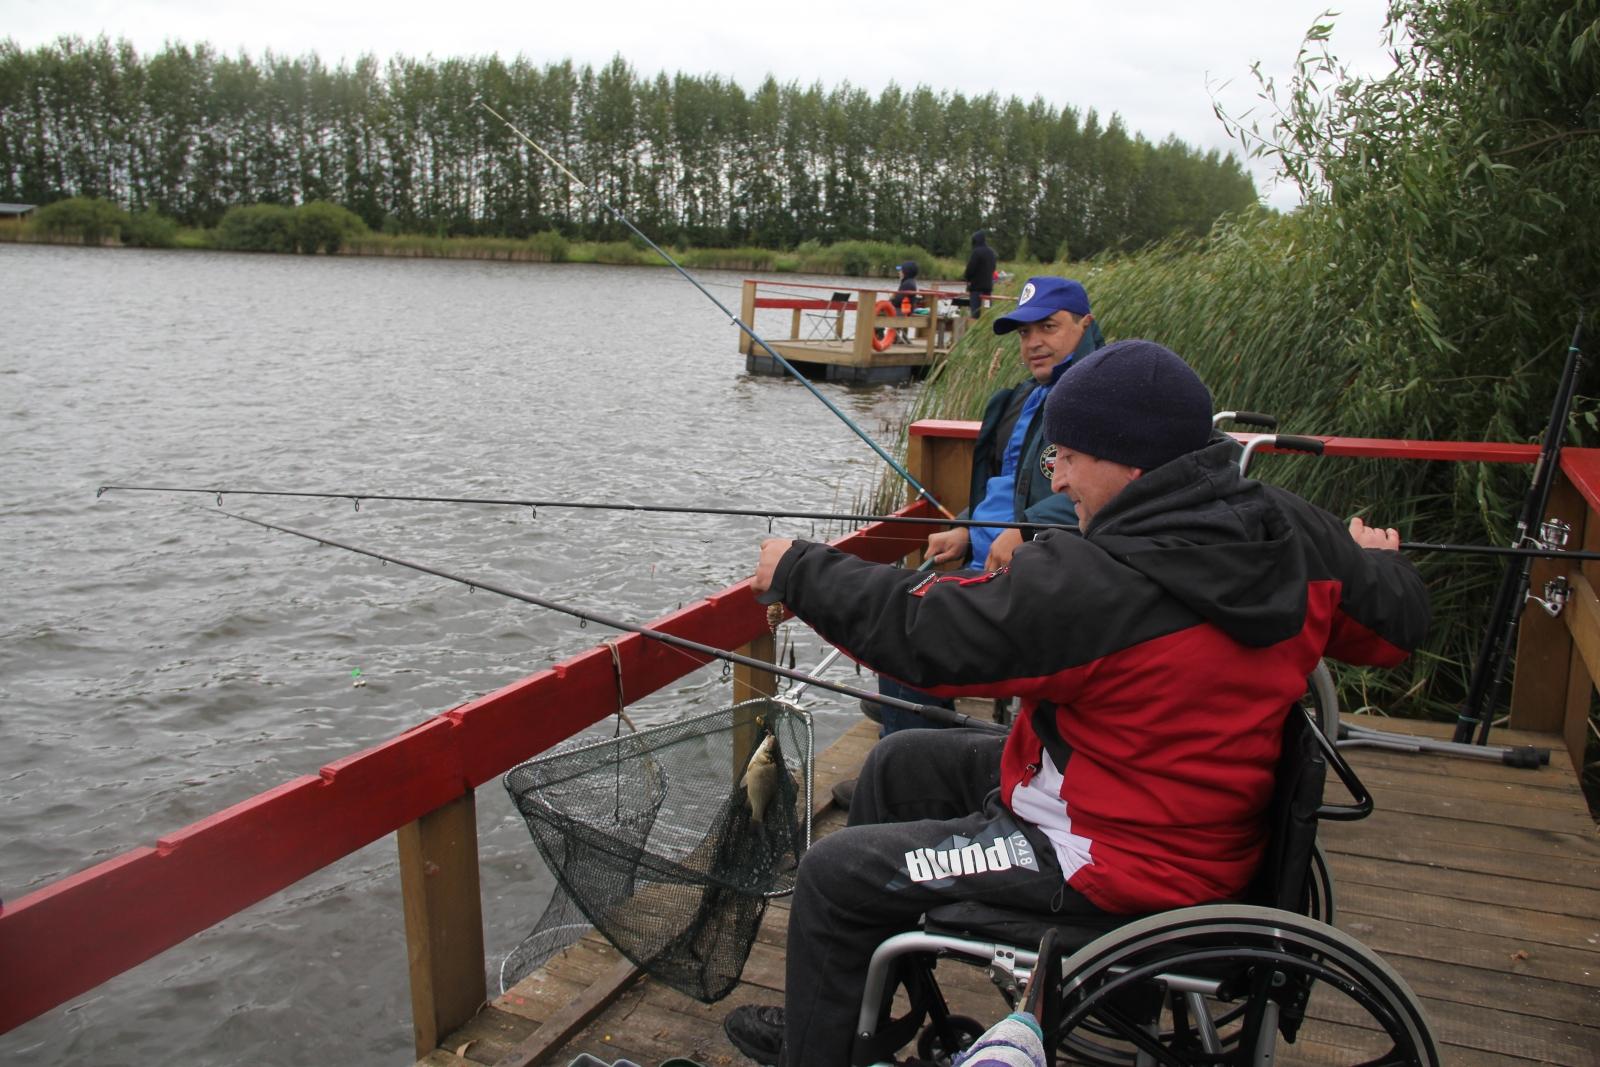 Орловские работники МЧС принимают участи в соревнованиях по спортивной рыбалке среди людей с ограниченными возможностями